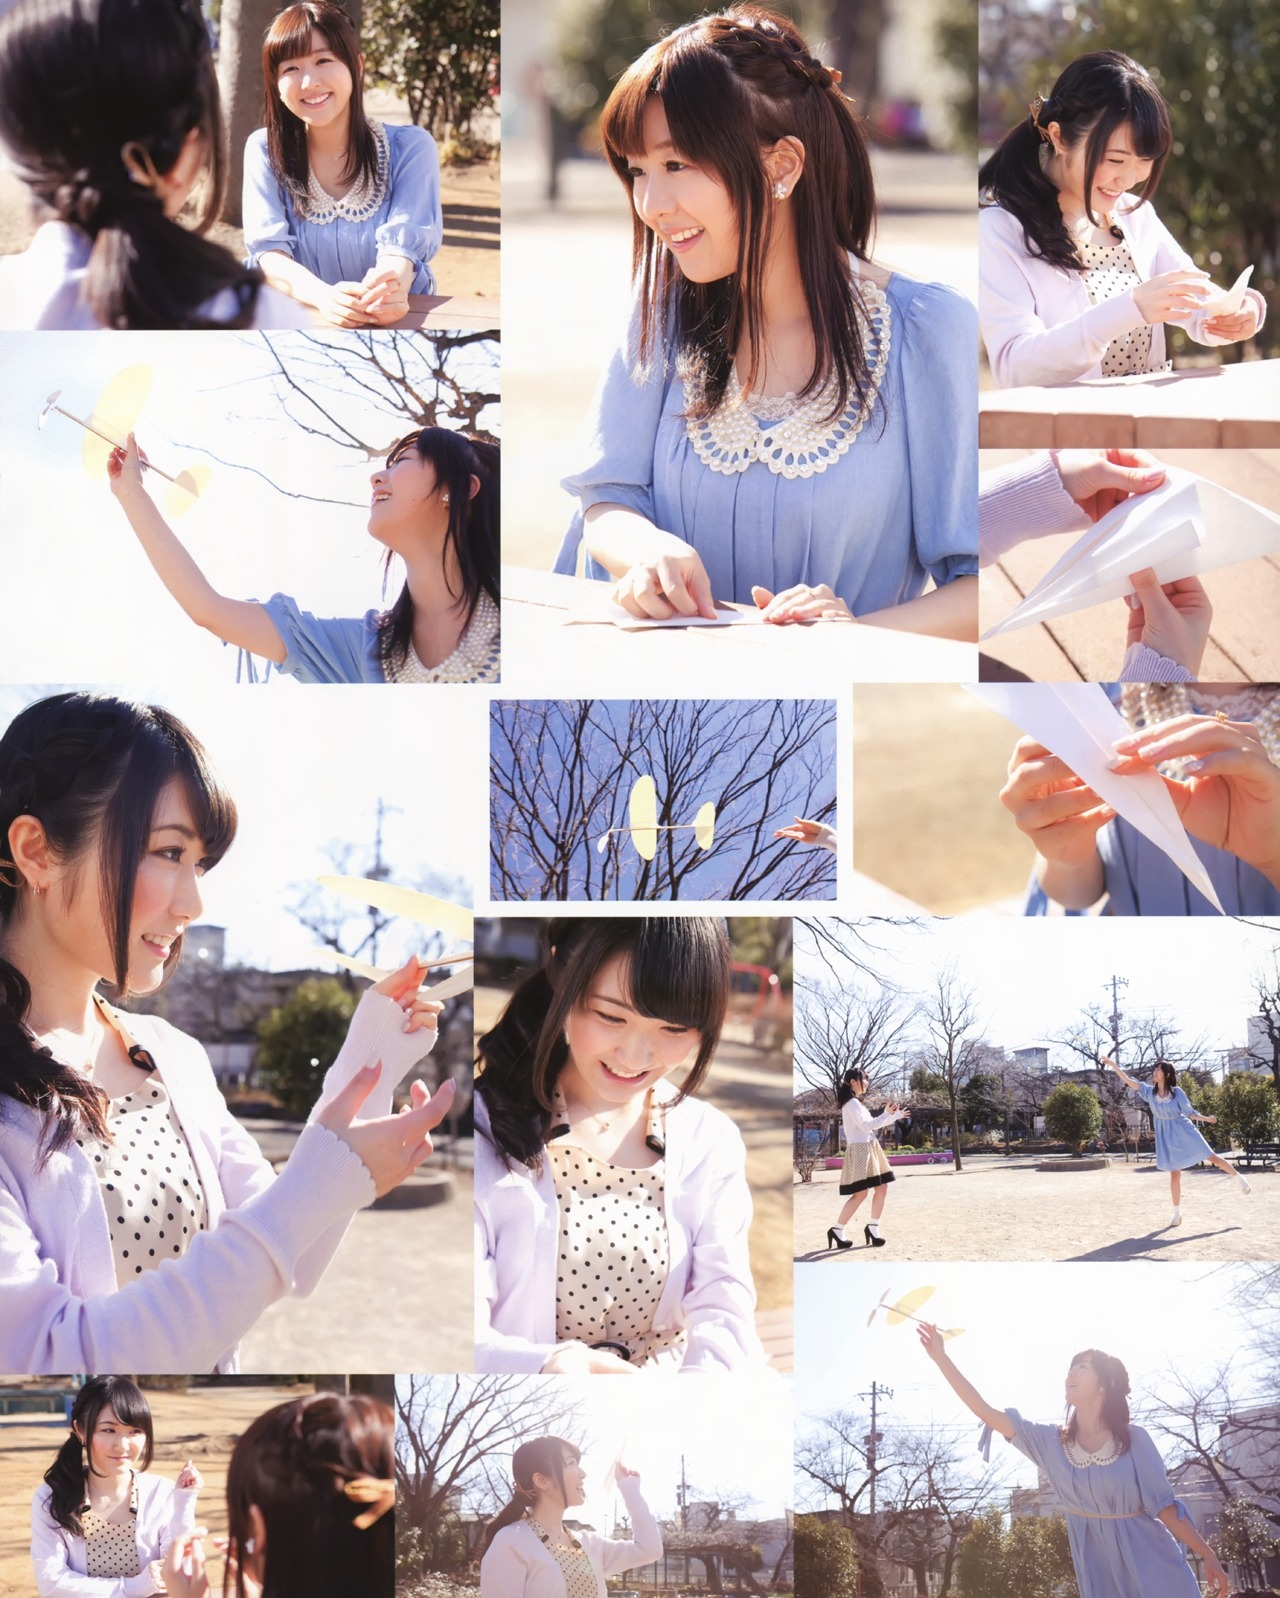 hidaka_rina036.jpg